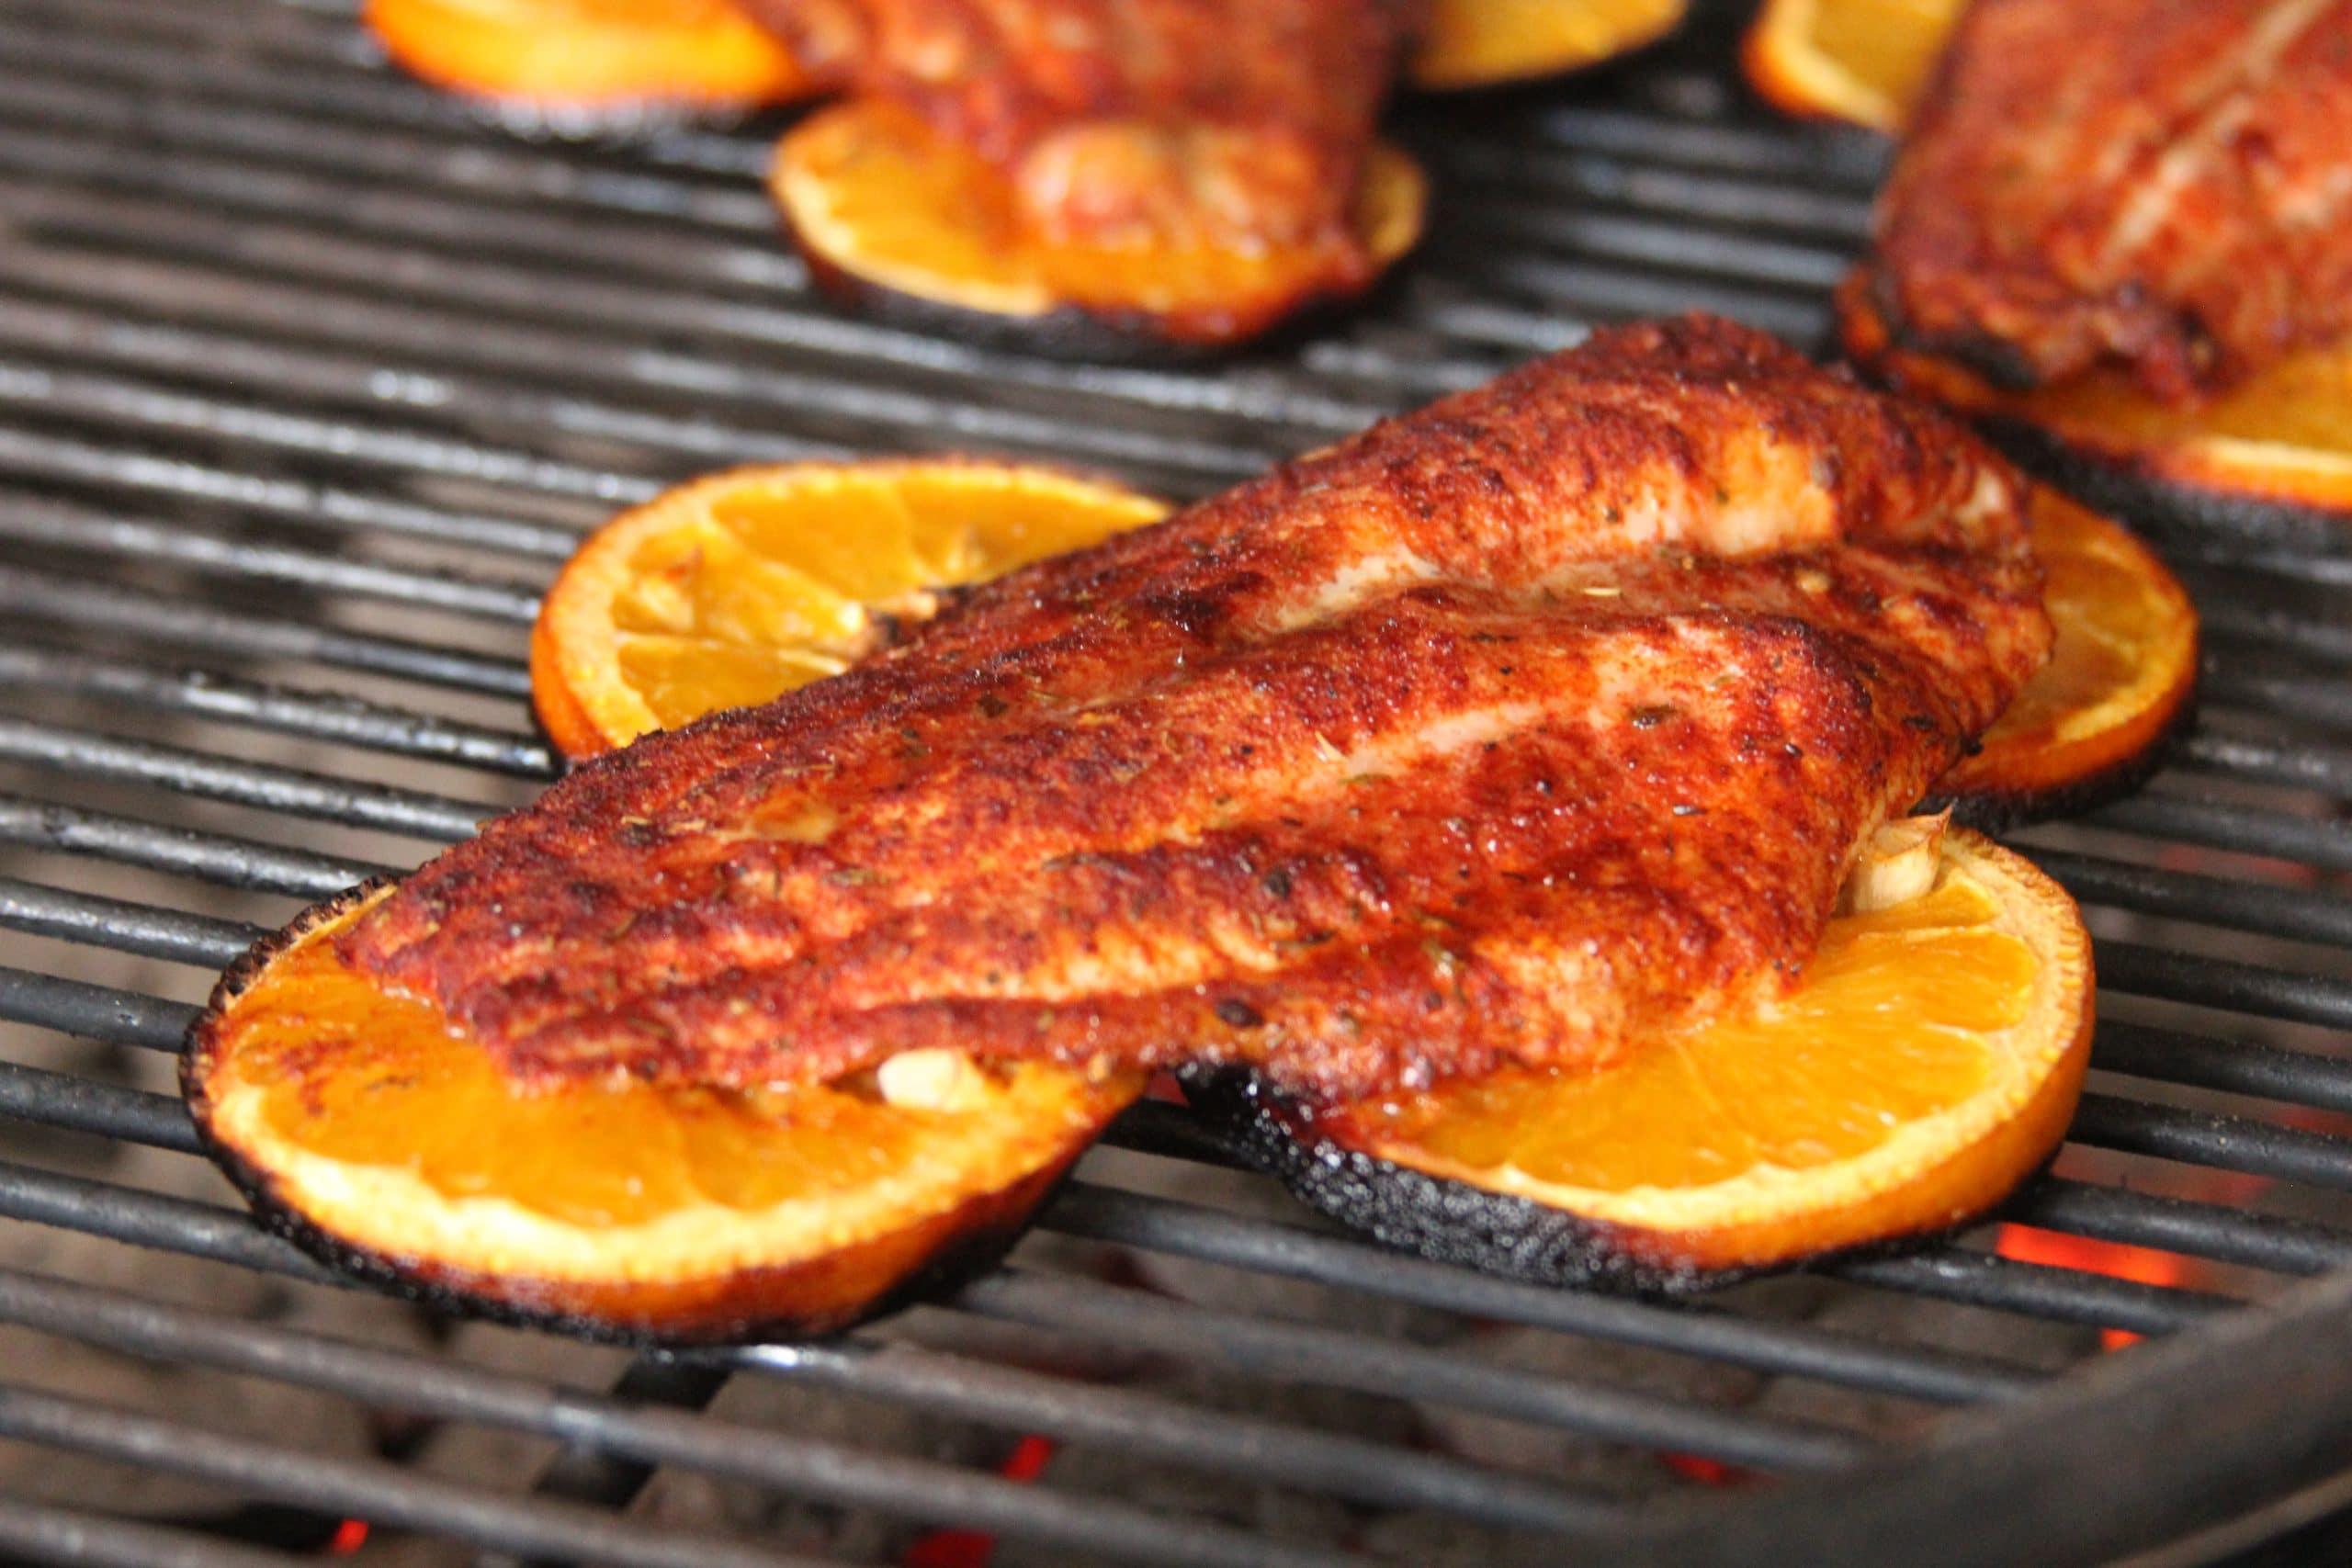 Grilling catfish fillet on orange slices